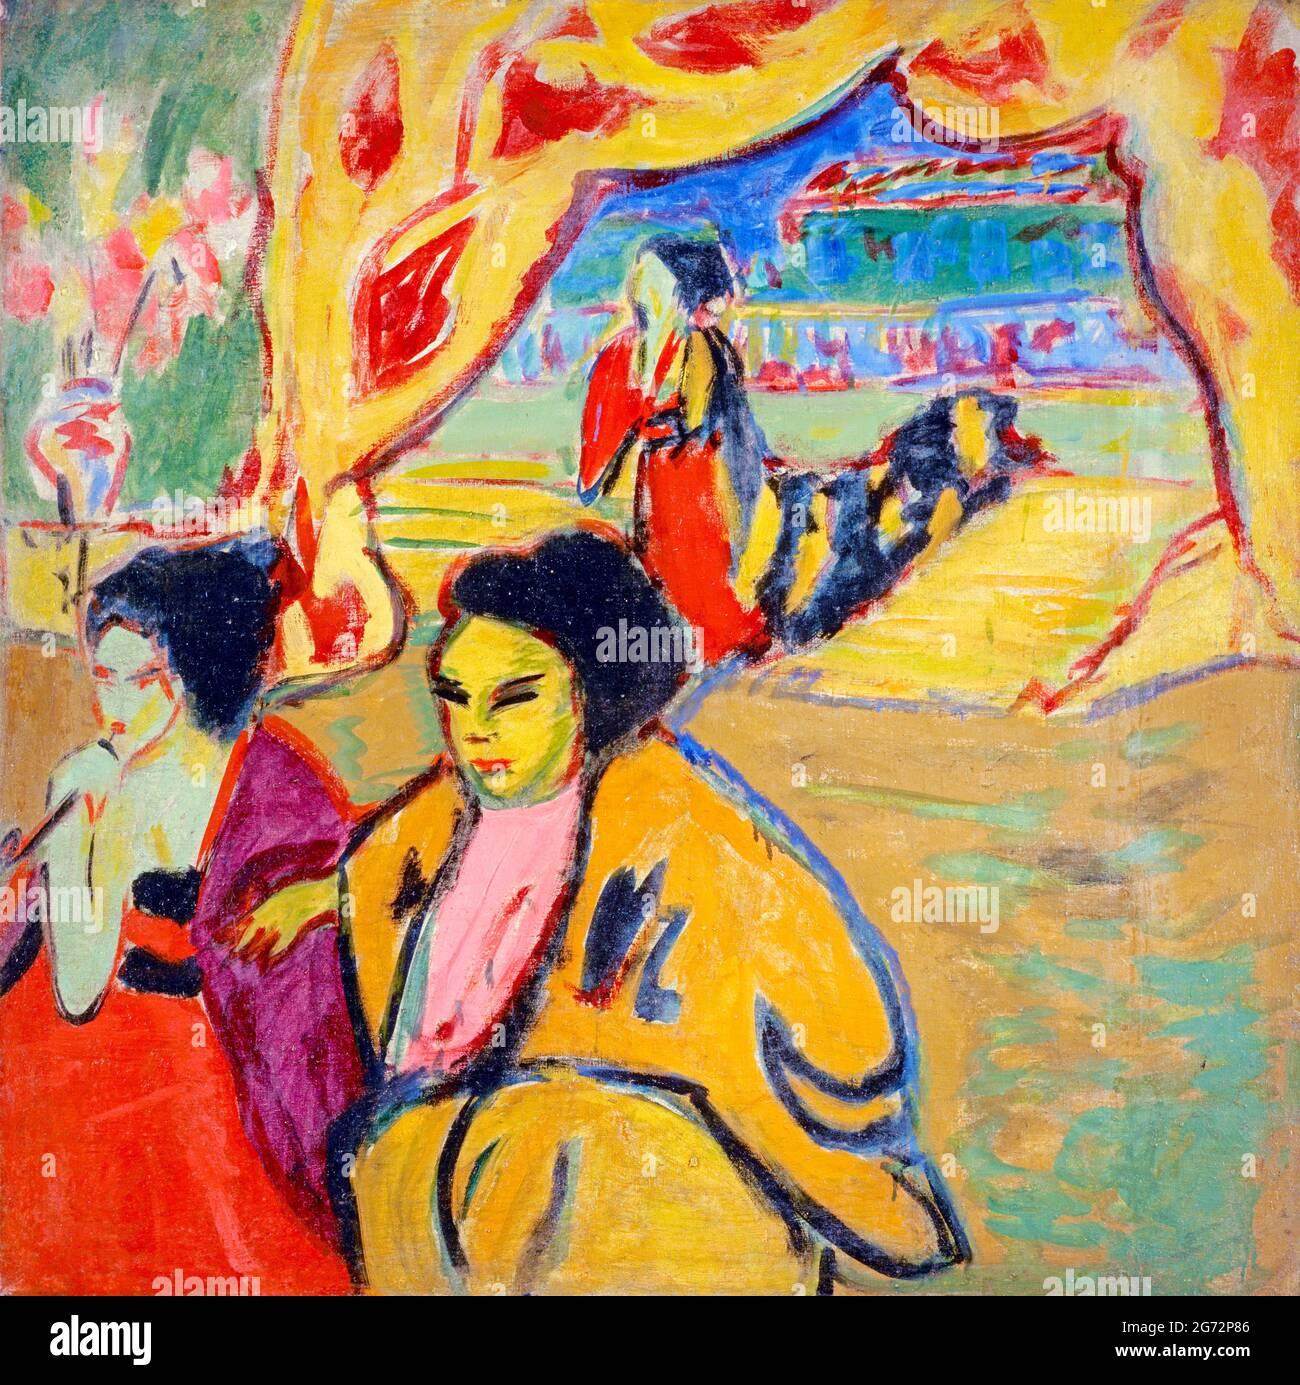 Japanisches Theatre (Teatro Japonés) de Ernst Ludwig Kirchner (1880-1938), óleo sobre lienzo, 1909 Foto de stock